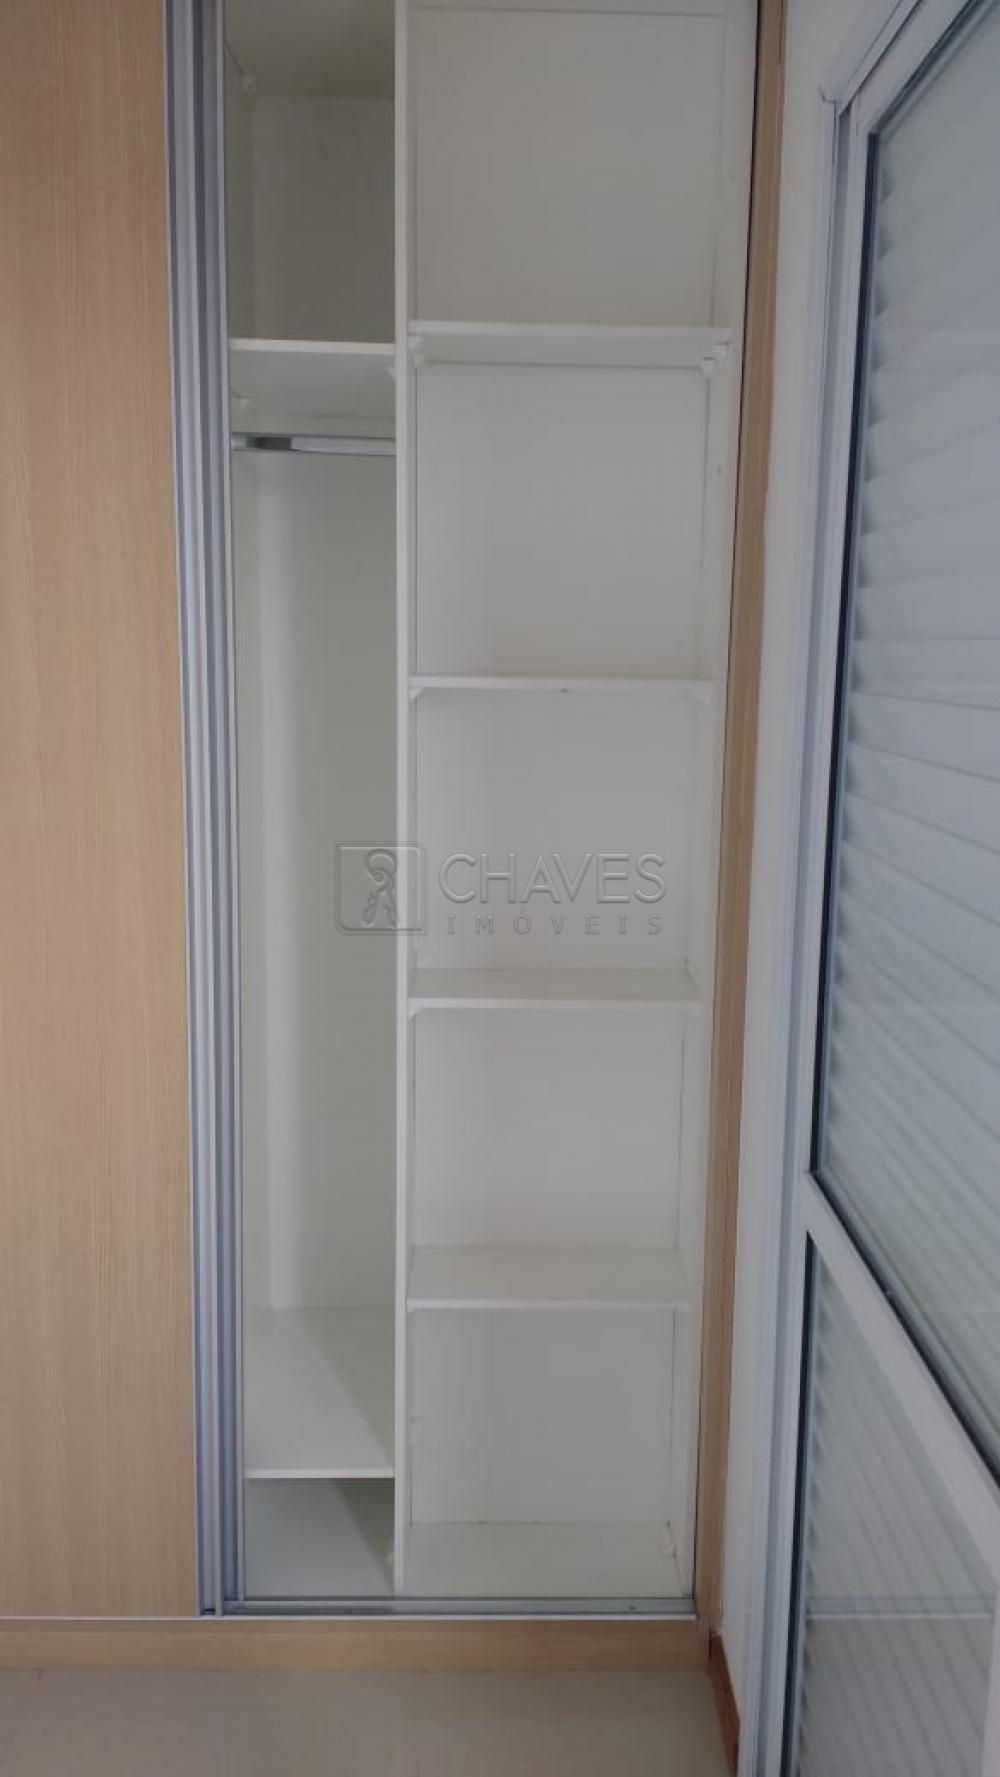 Alugar Apartamento / Padrão em Ribeirão Preto apenas R$ 2.300,00 - Foto 6